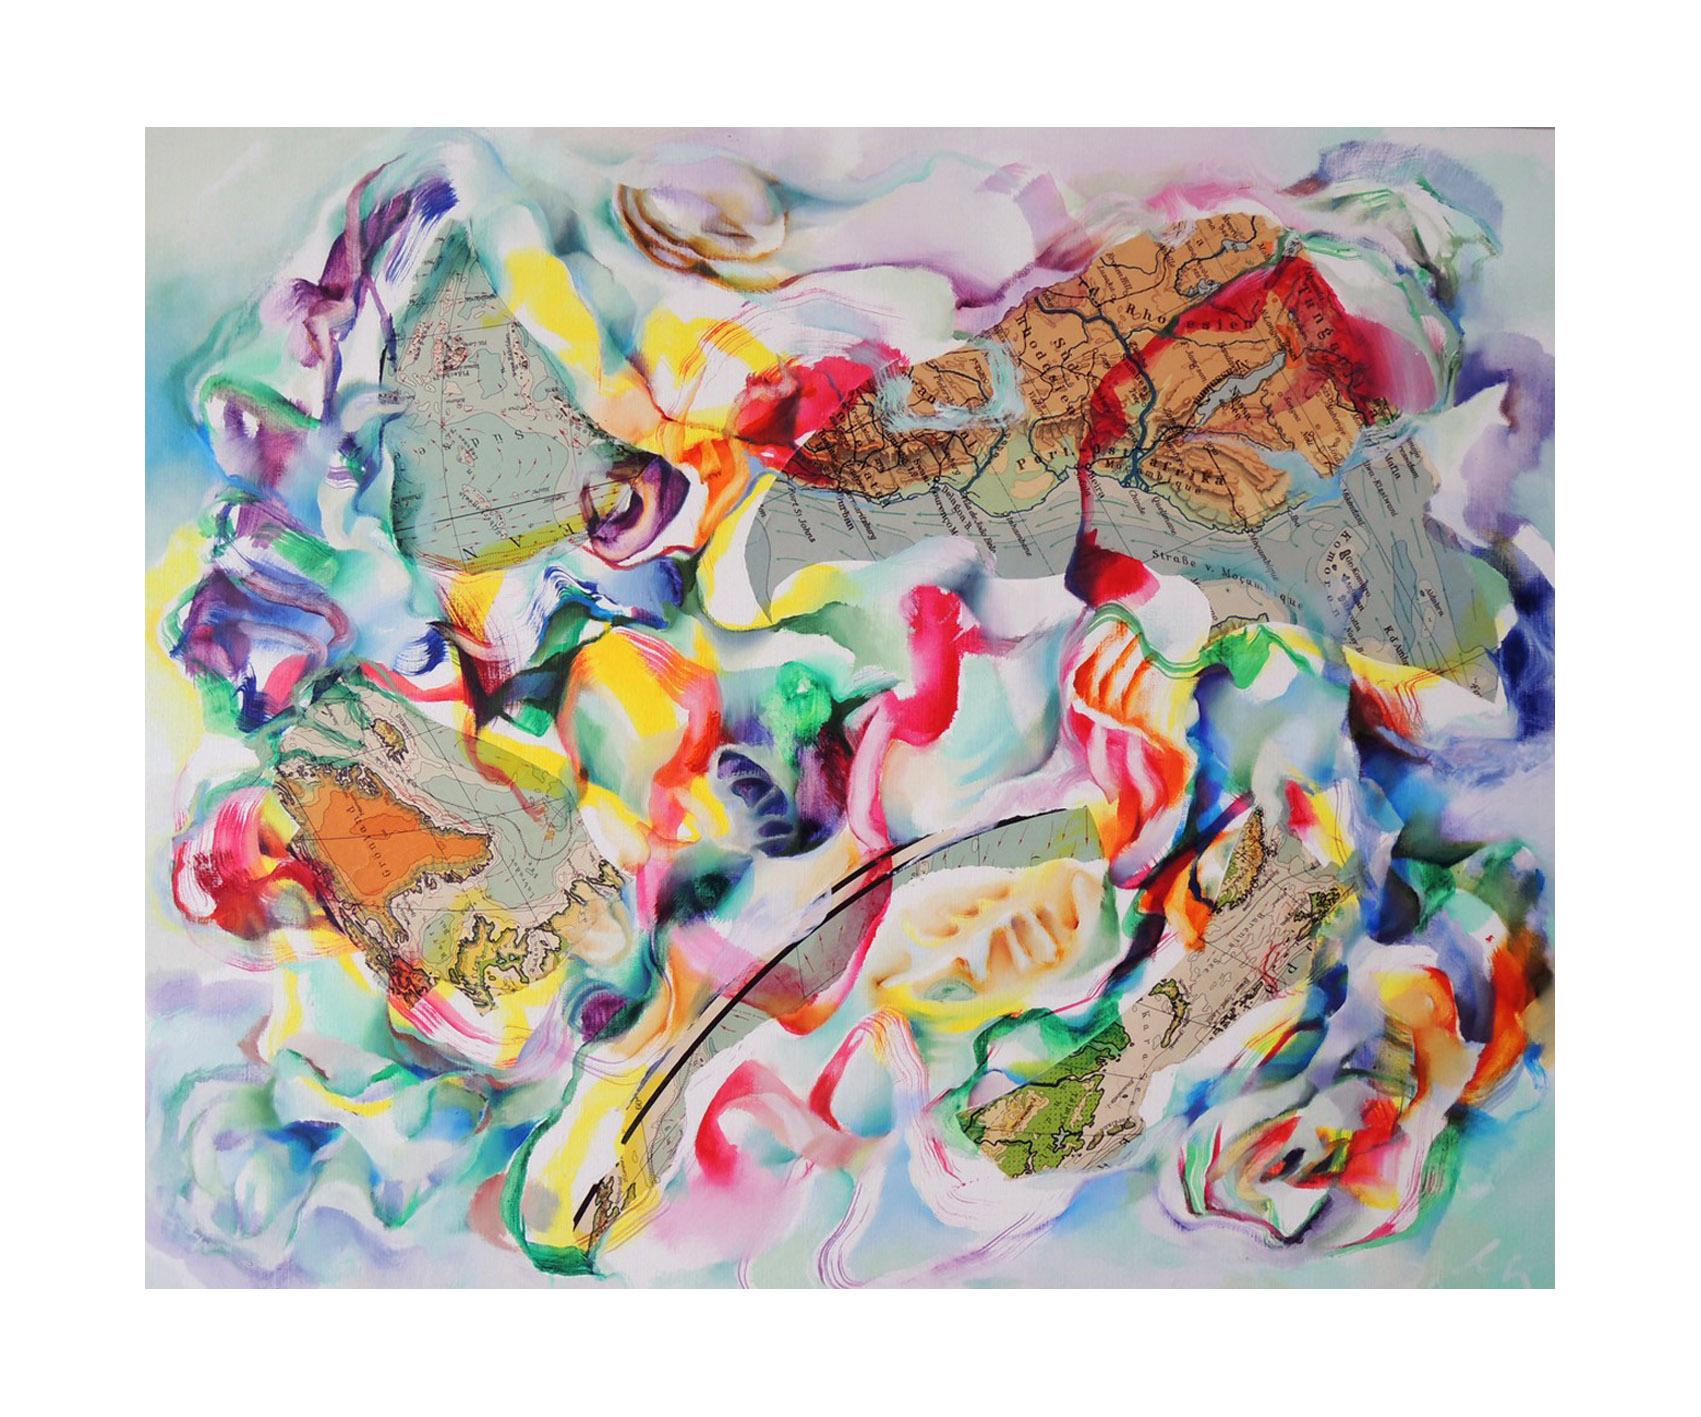 """Sabine Schneider, """"Bizarre Welten no.2"""", 2020, Collage/Öl auf Leinwand, 100 x 120 cm"""